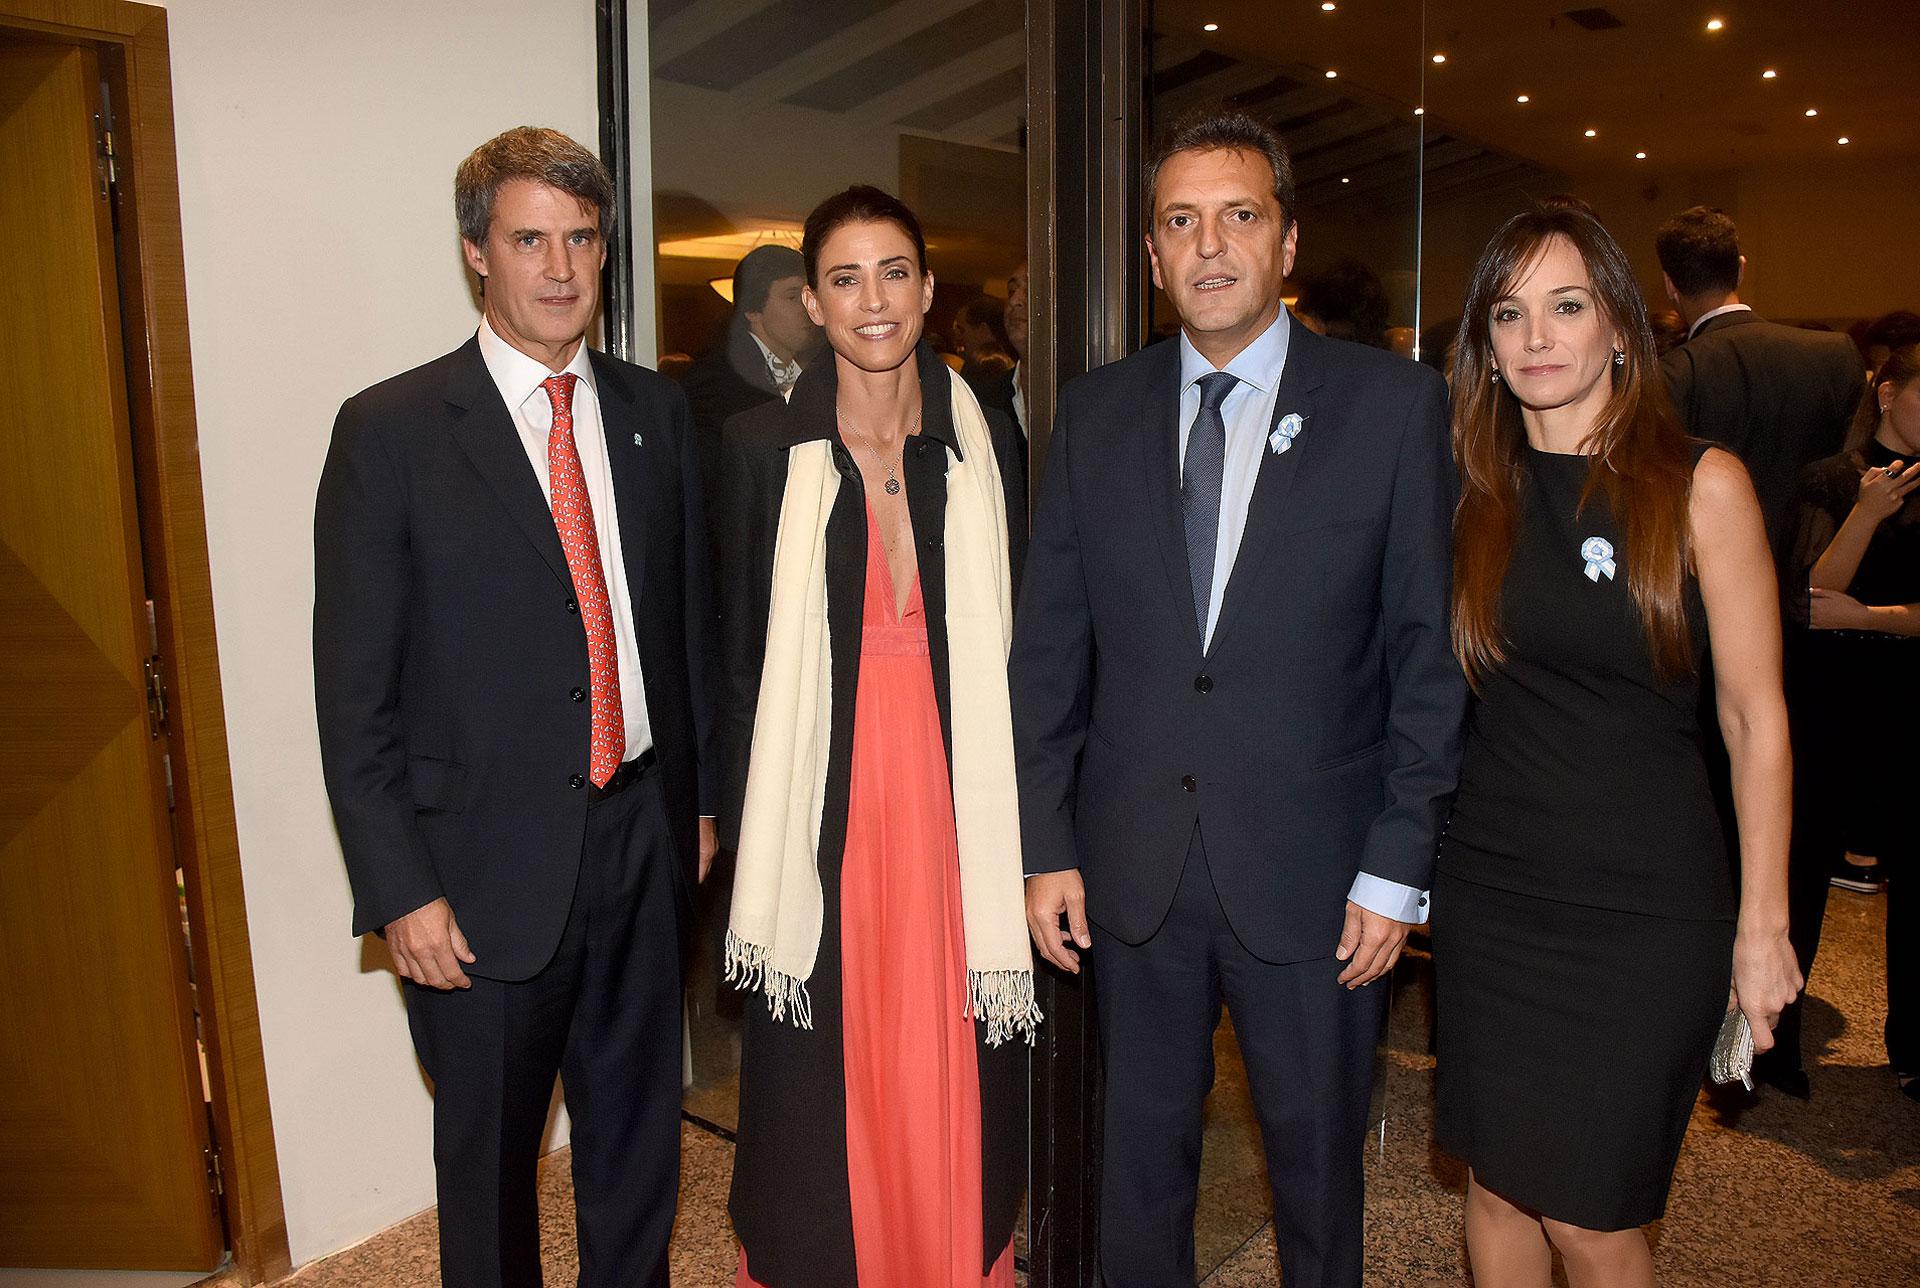 El ex ministro de Economía, Alfonso Prat Gay, y su pareja junto a Sergio Massa y Malena Galmarini